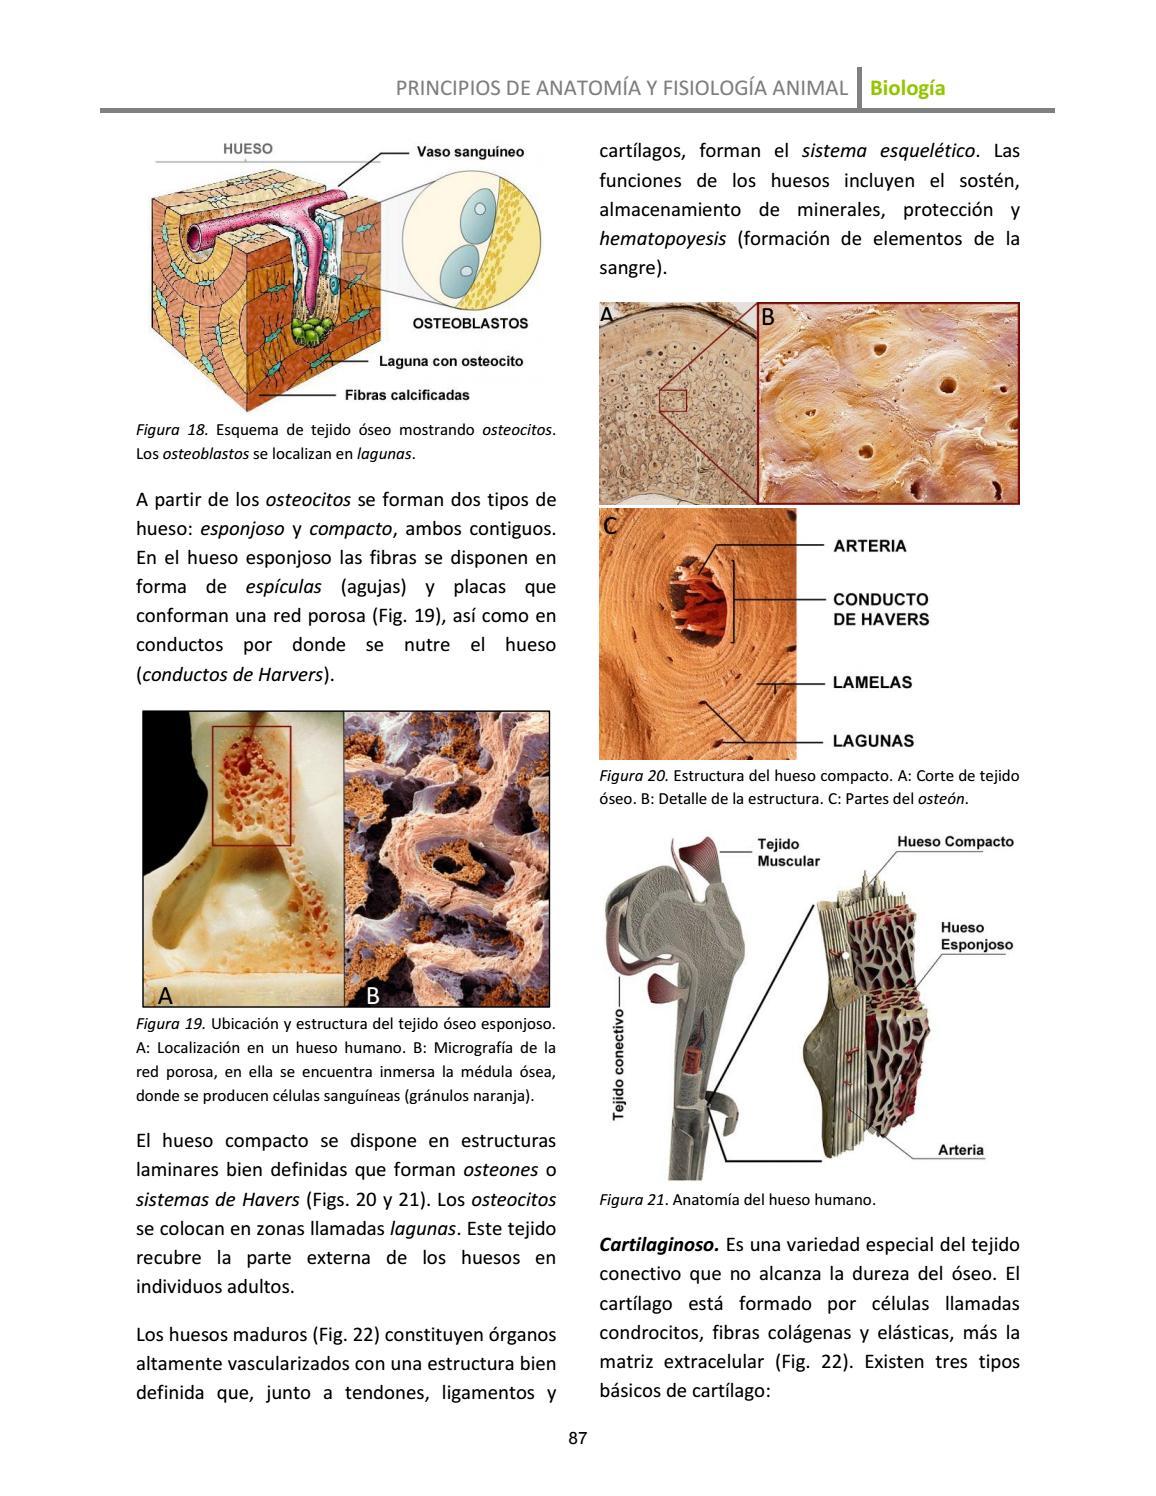 Condrocitos funcion y ubicacion